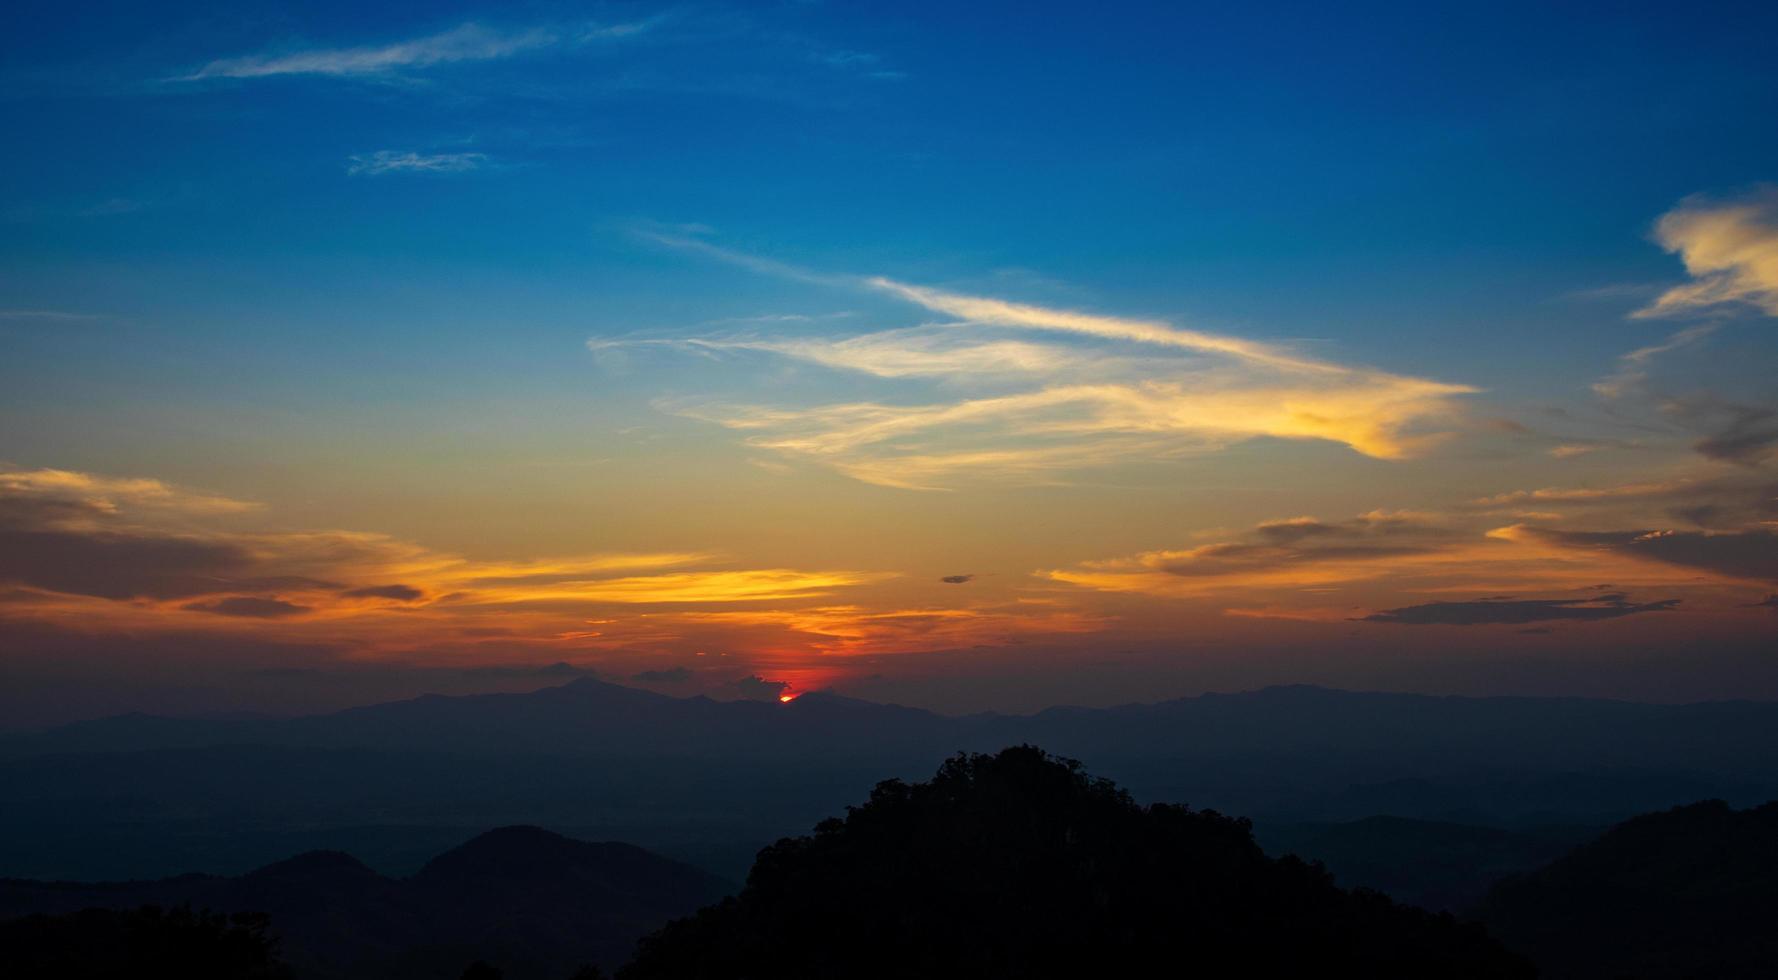 zonsondergang over de bergen in noordelijk thailand foto